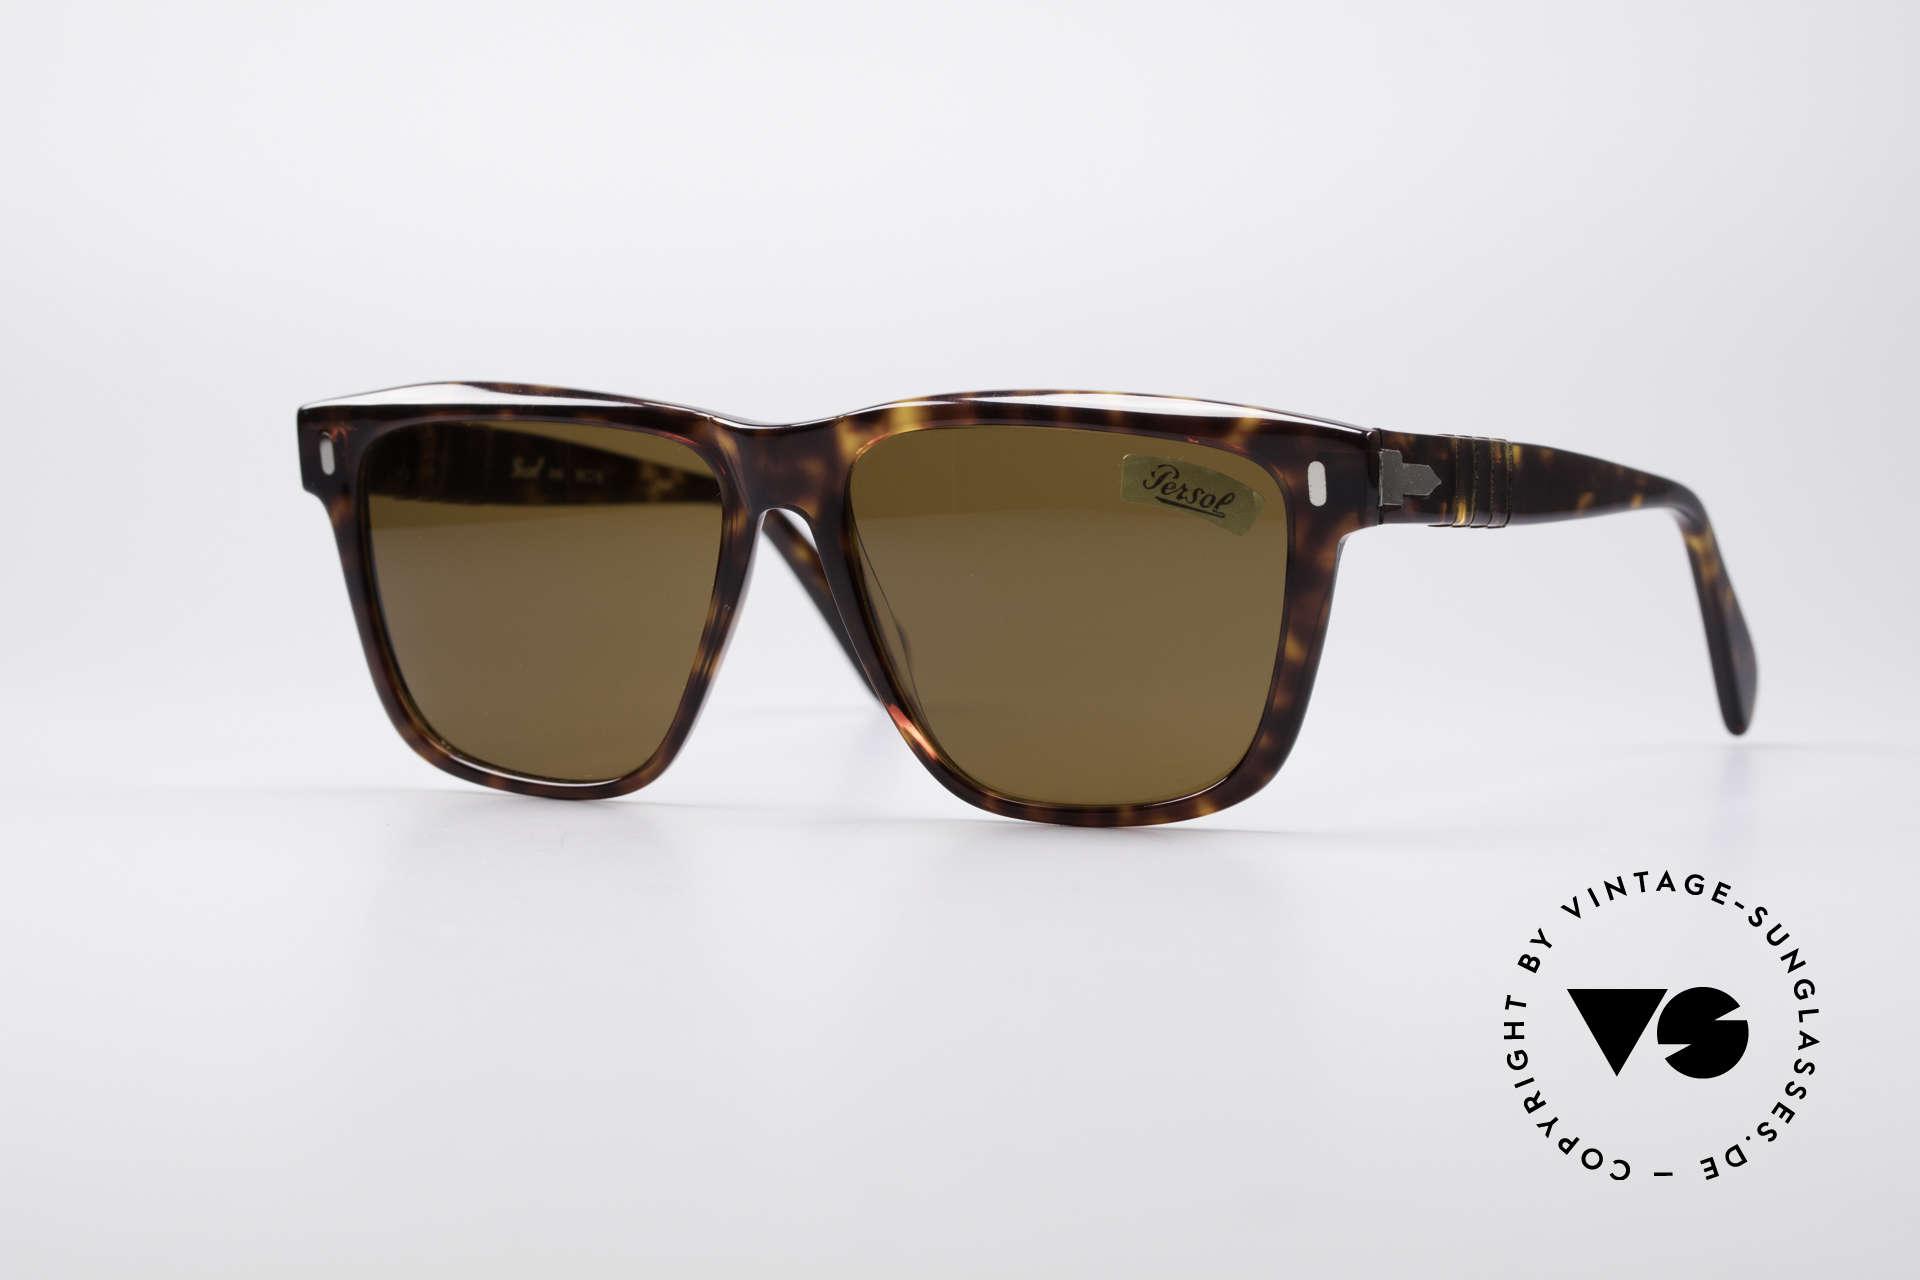 Sonnenbrillen Persol 846 Ratti 80er Vintage No Retro Brille ...